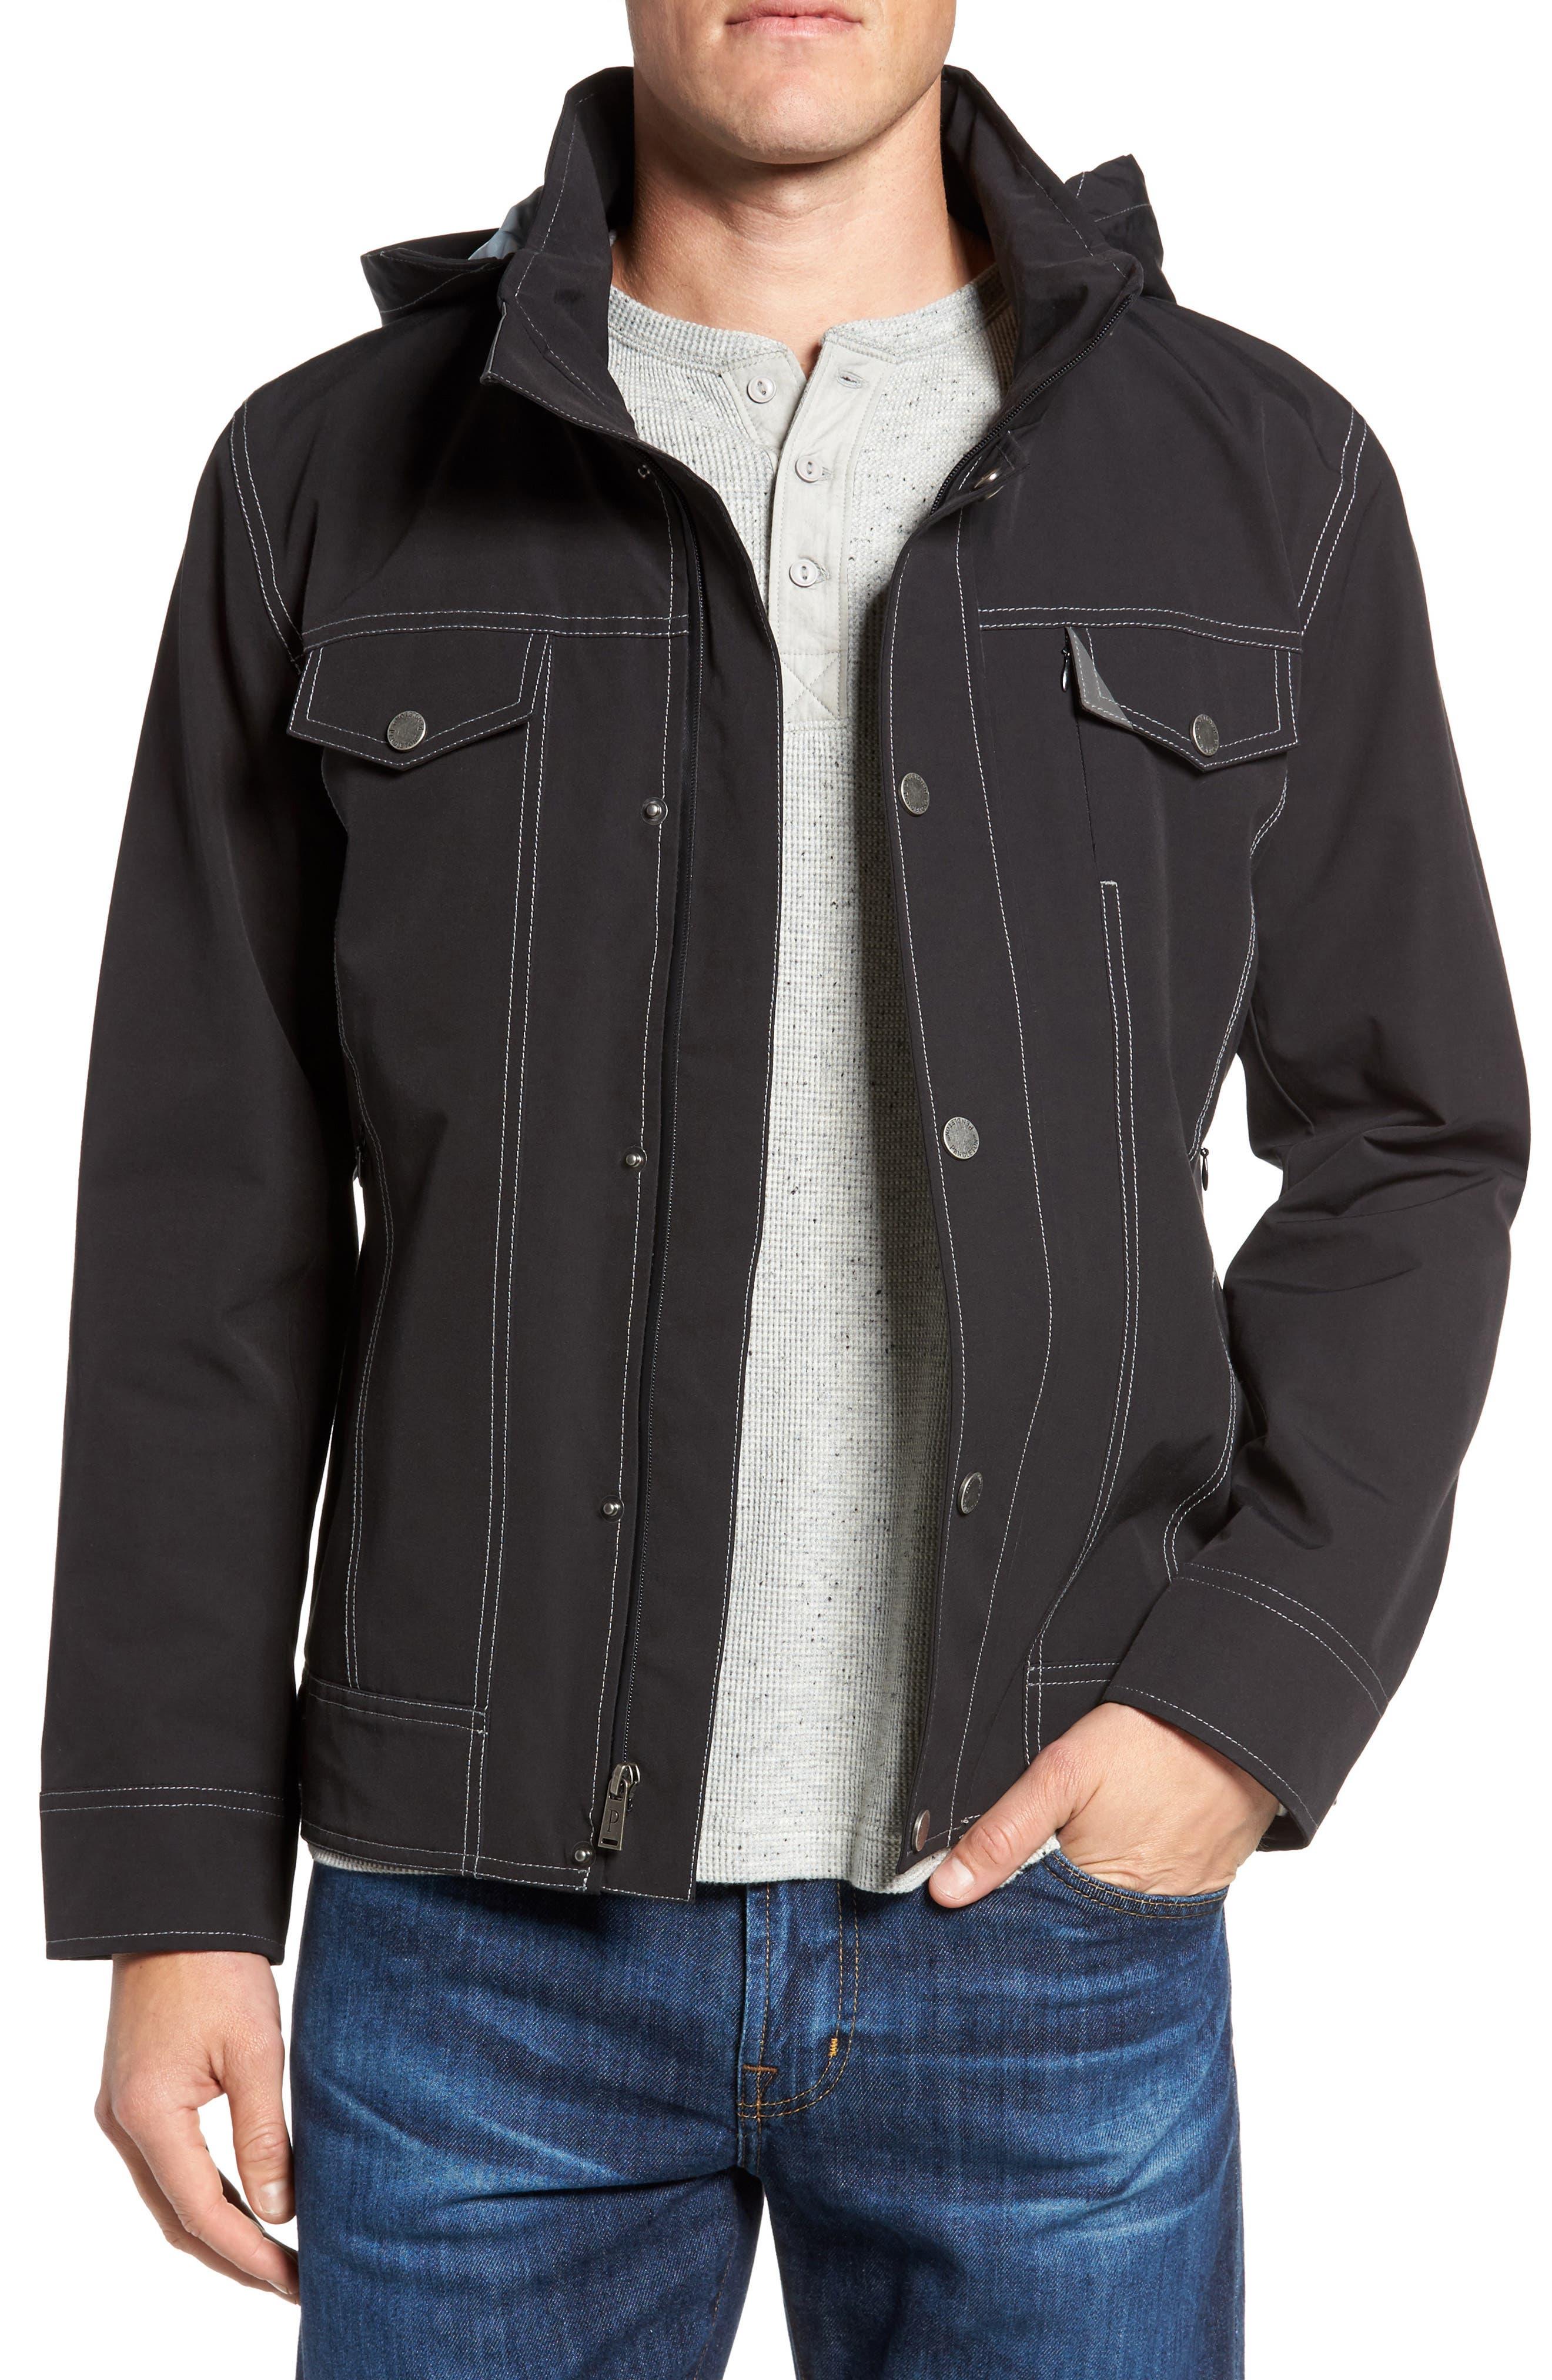 Forks Waterproof Jacket,                             Main thumbnail 1, color,                             001